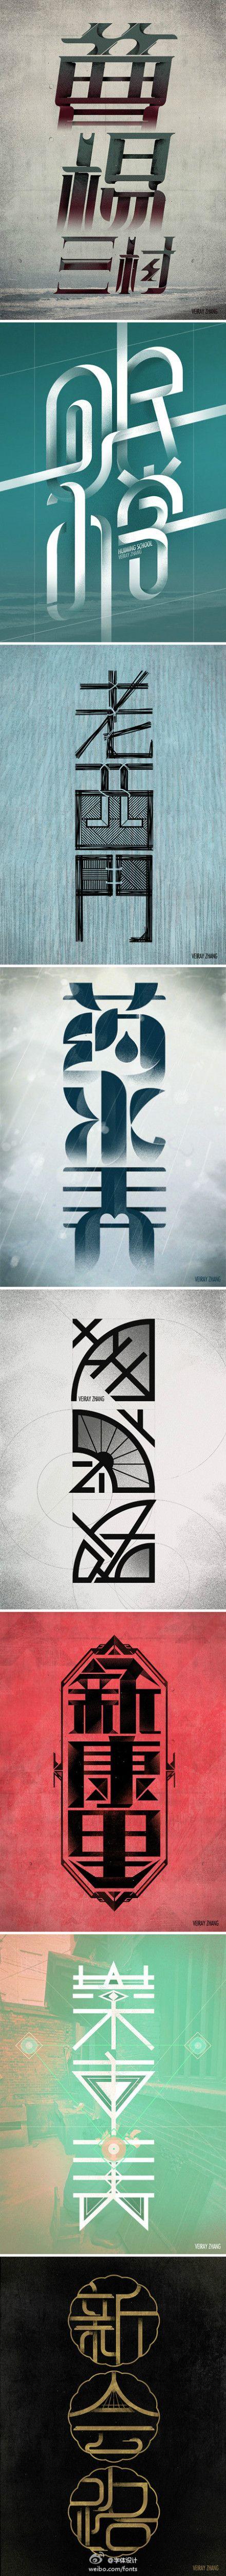 海关键词,来自@Veiray Zhang Zhang Zhang Zhang 的字体设计作品